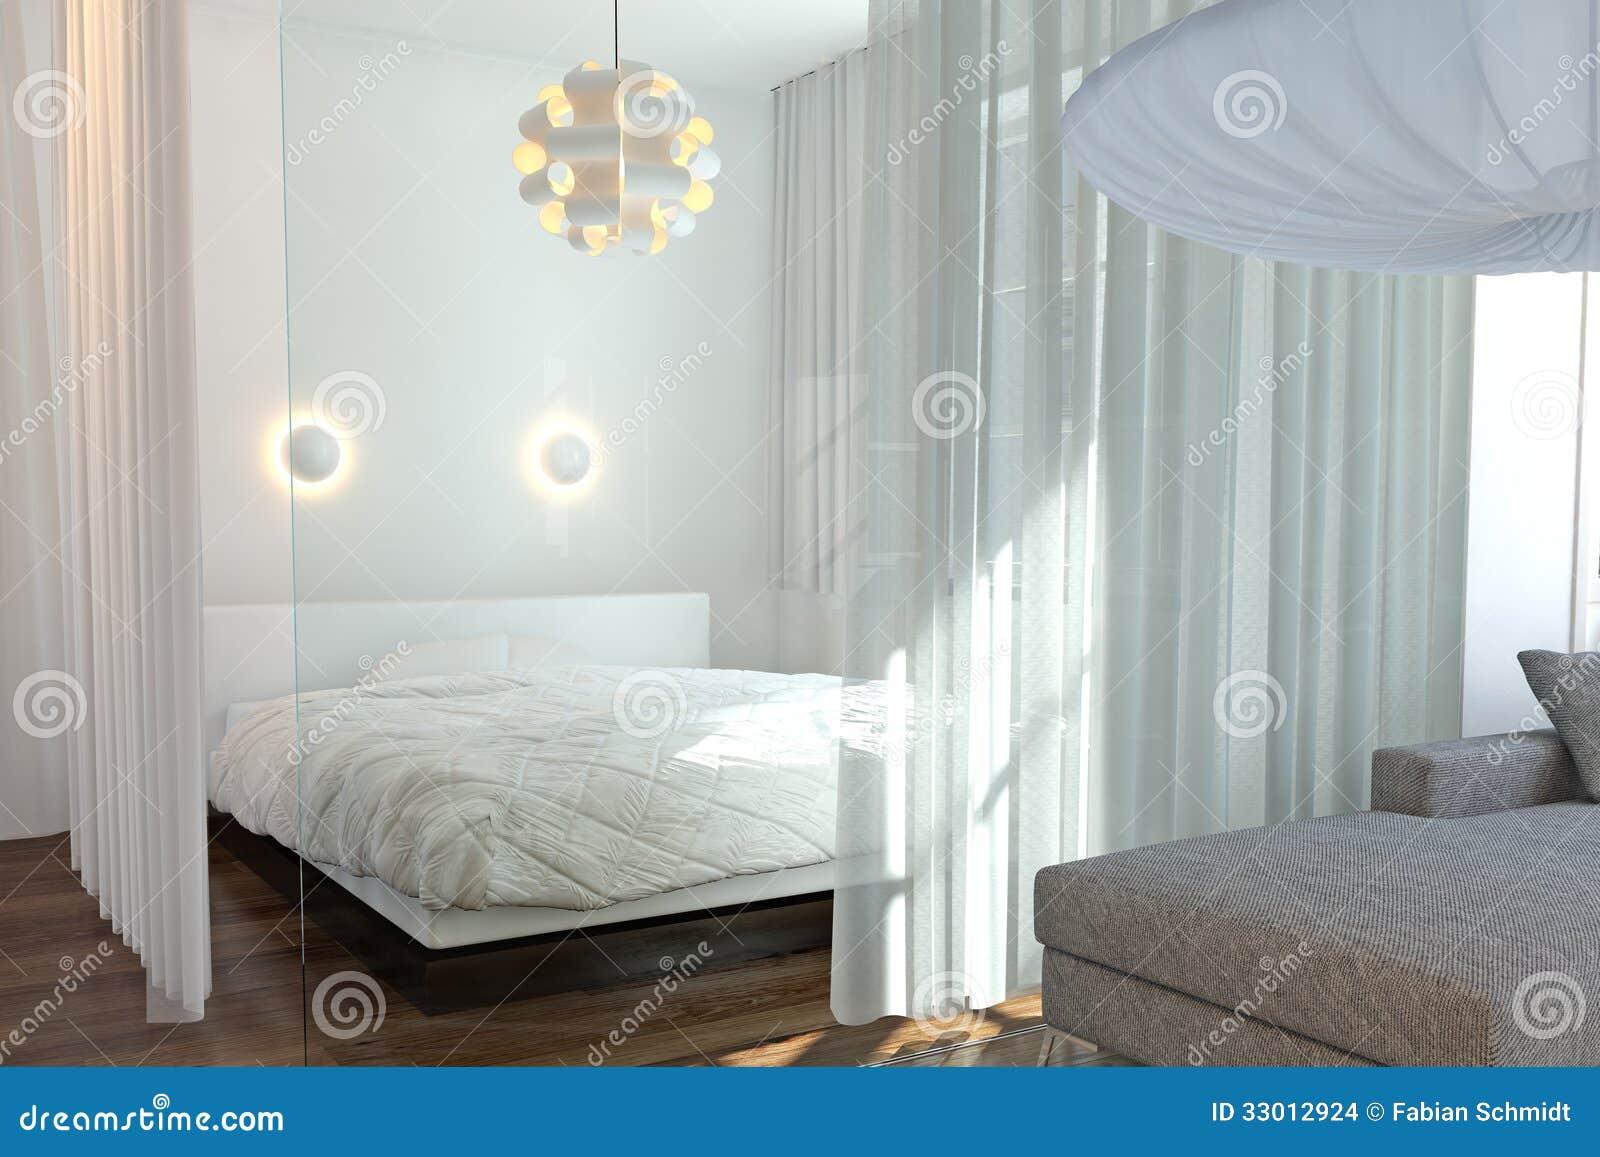 Camera da letto moderna con la parete di vetro immagini - Immagini tende camera da letto ...